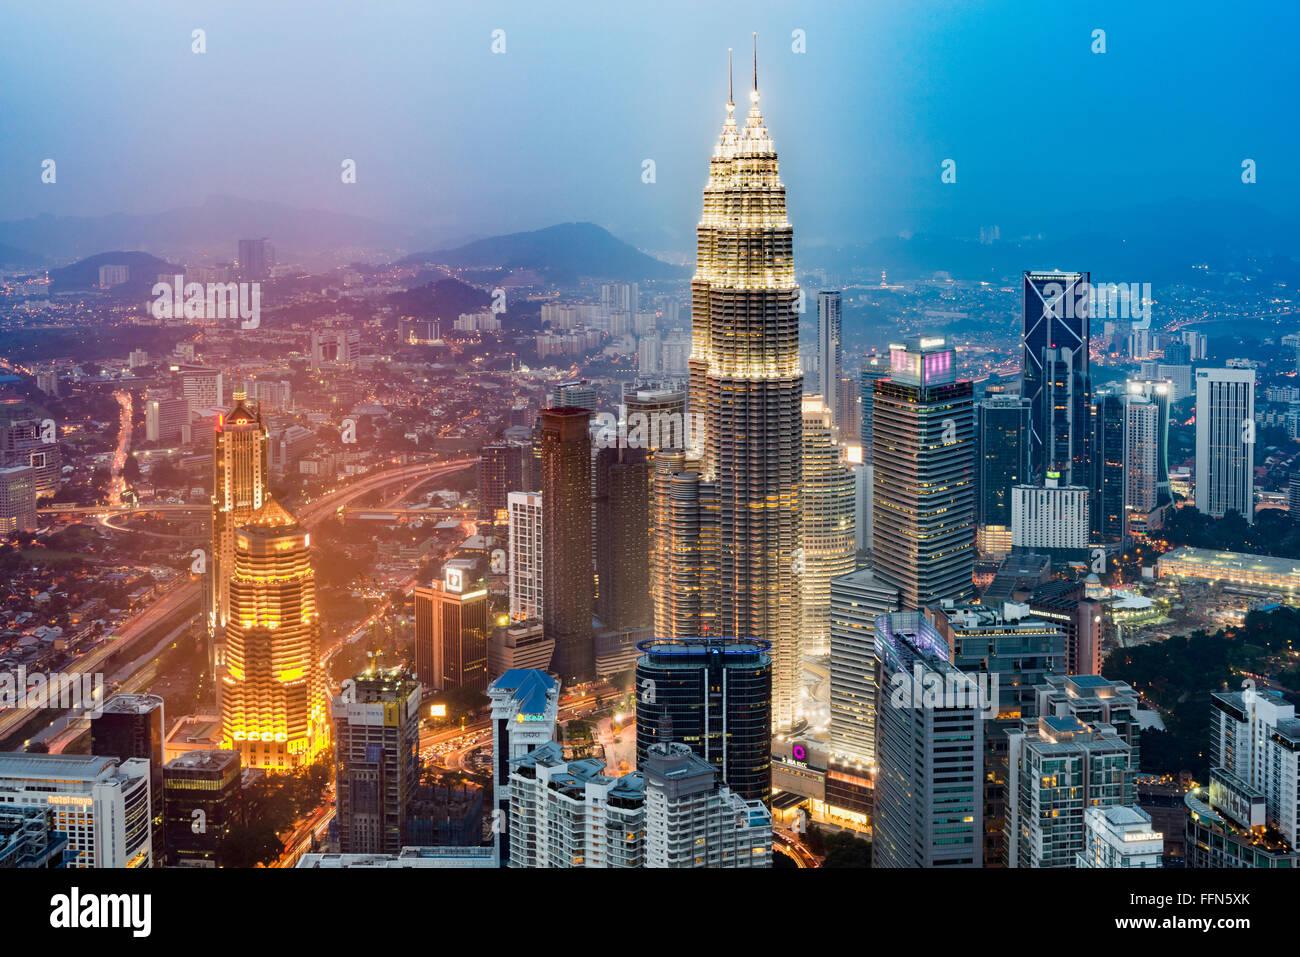 Vue aérienne de la ville de Kuala Lumpur avec les Tours Petronas, en Malaisie, en Asie du sud-est dans la nuit Photo Stock